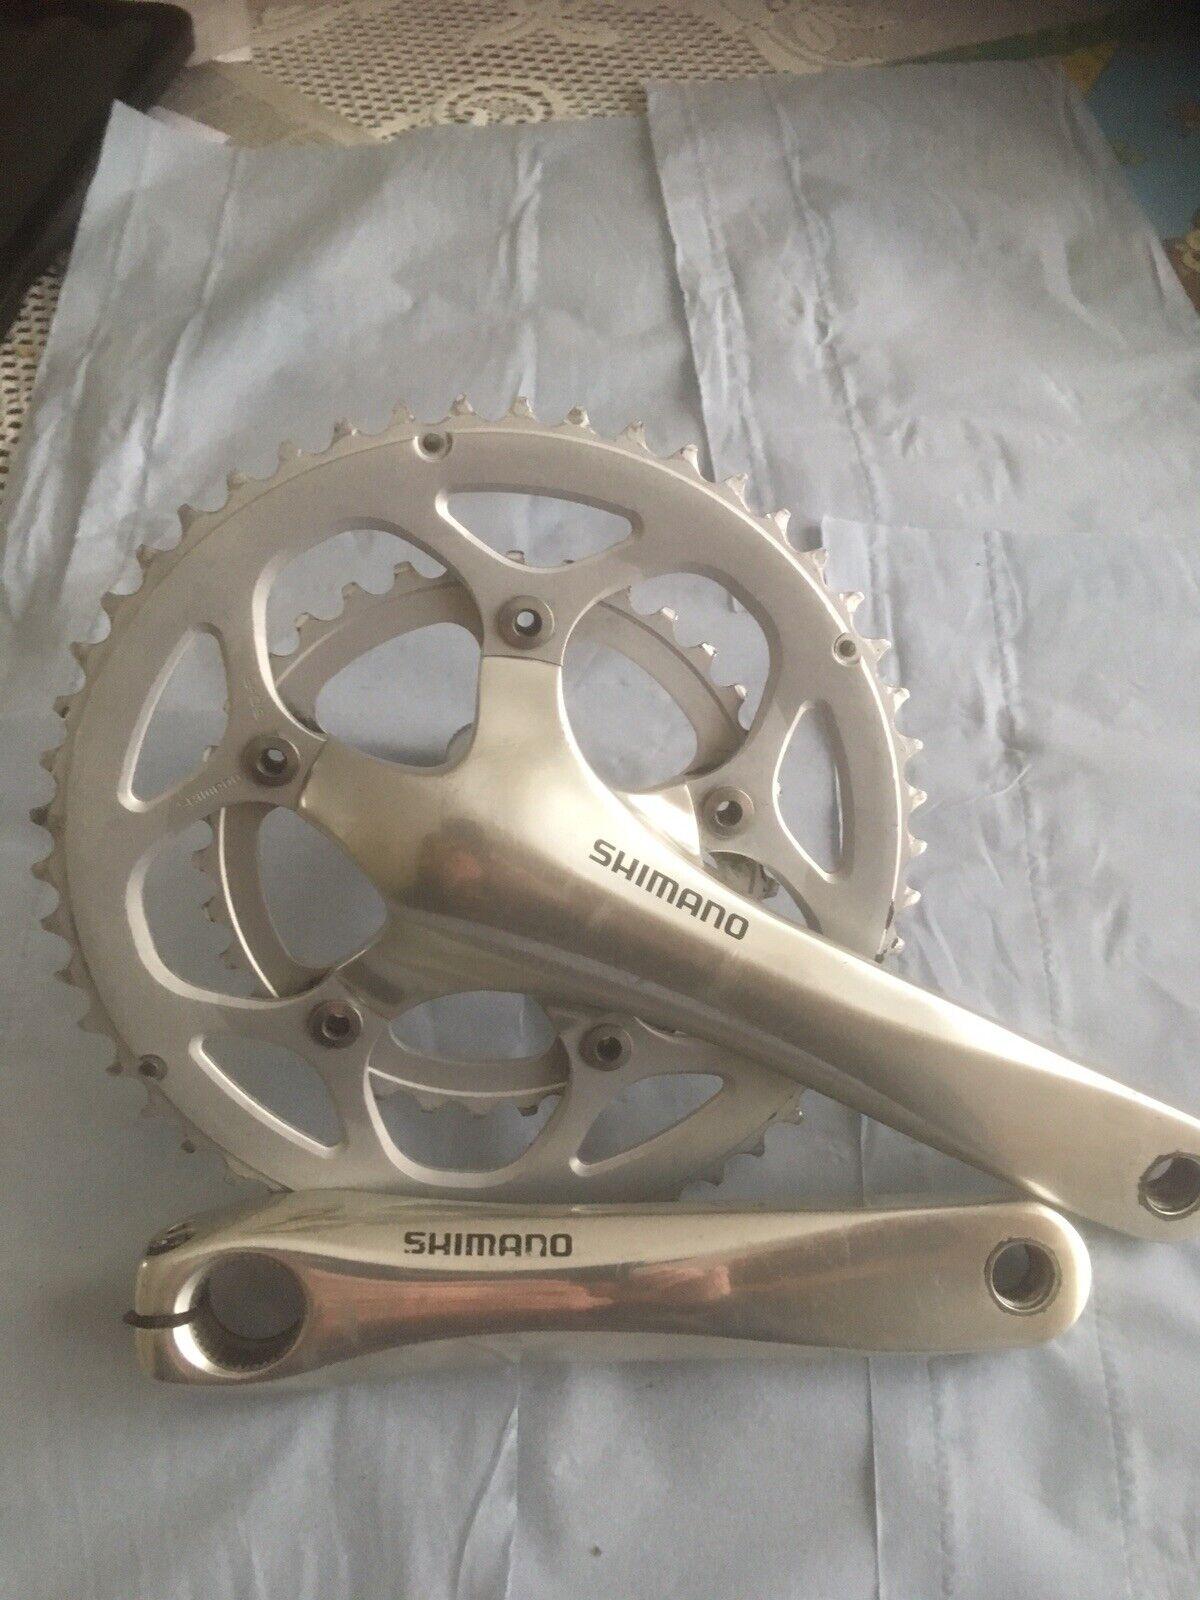 Shimano FC 4550 pedaliera in compatto 175mm 50 x 34 anelli.